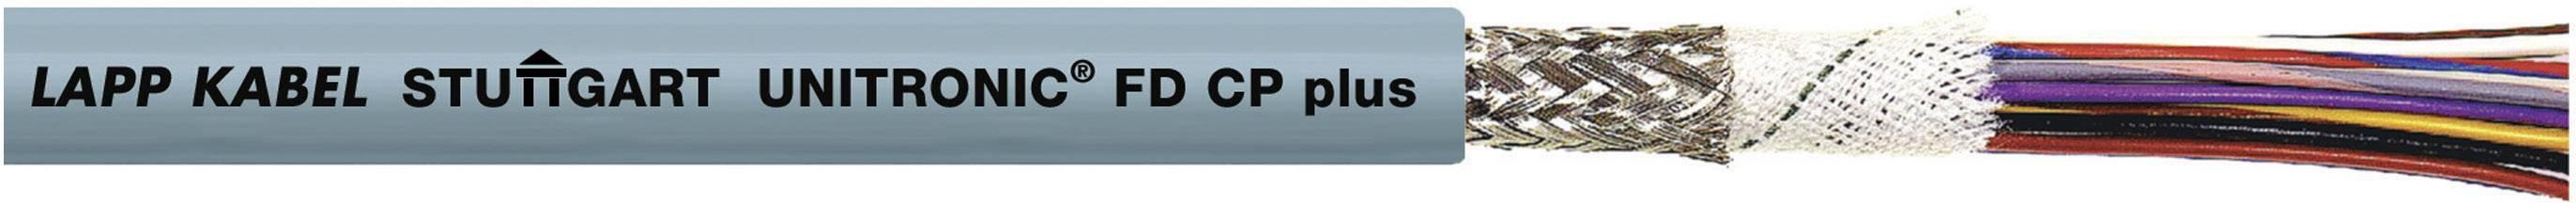 Datový kabel LappKabel UNITRONIC FD CP PLUS 18X0,34 (0028905), 18x 0,34 mm², Ø 10,3 mm, stíněný, 100 m, šedá